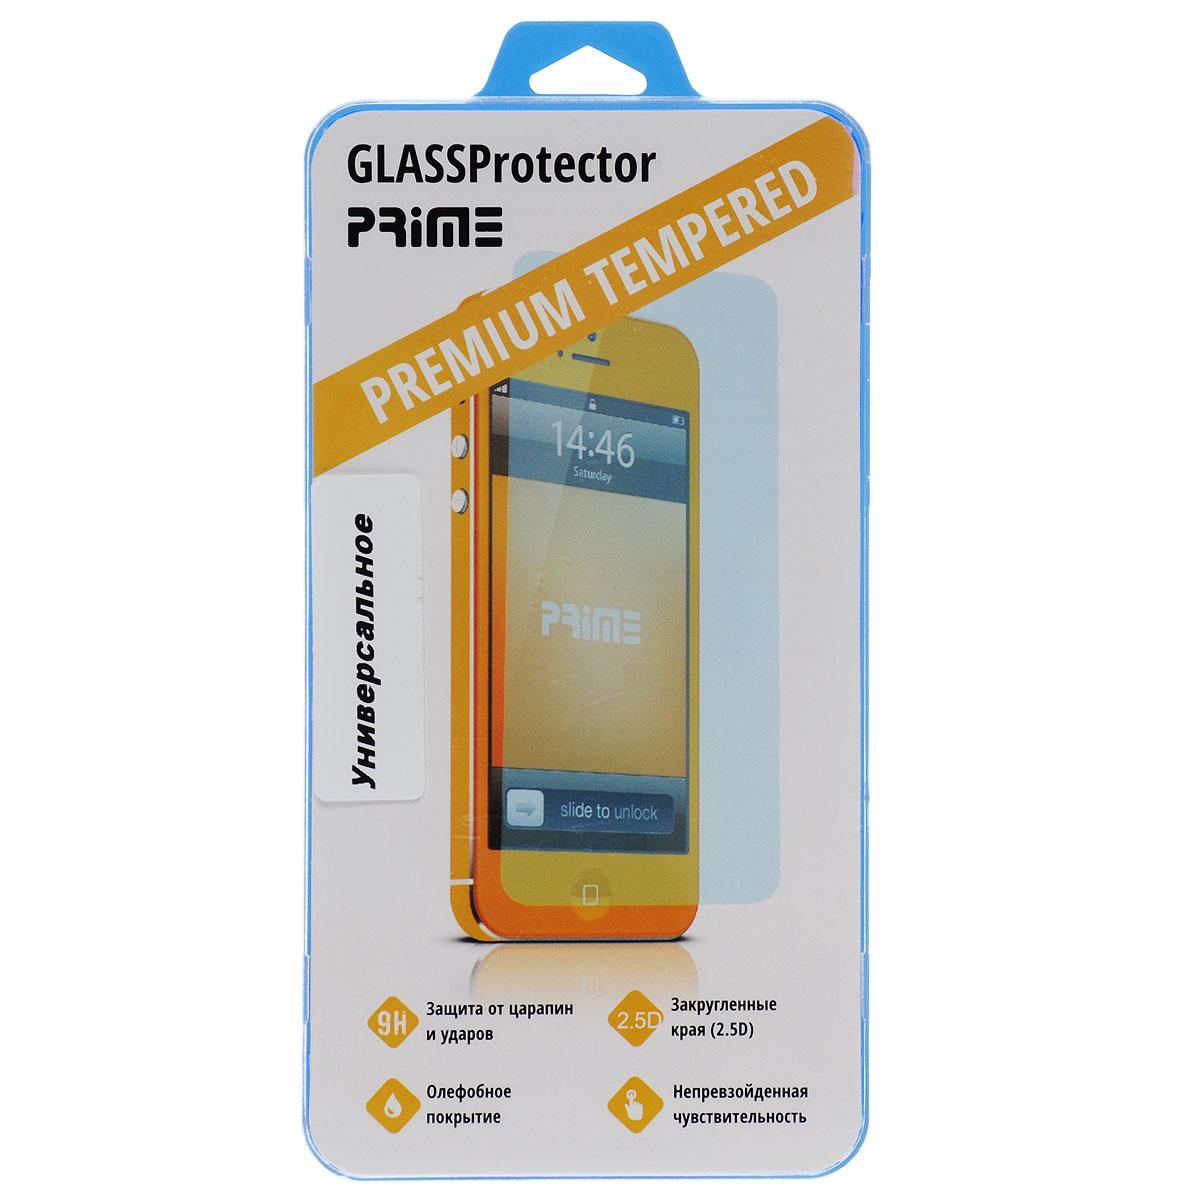 Prime Universal защитное стекло для устройств с экраном 5SP-139Прочное защитное стекло Prime Universal выполнено путем закаливания. Обеспечивает более высокий уровень защиты по сравнению с обычной пленкой. При этом яркость и чувствительность дисплея не будут ограничены. Препятствует появлению воздушных пузырей и надежно крепится на экране устройства. Имеет олеофобное покрытие.